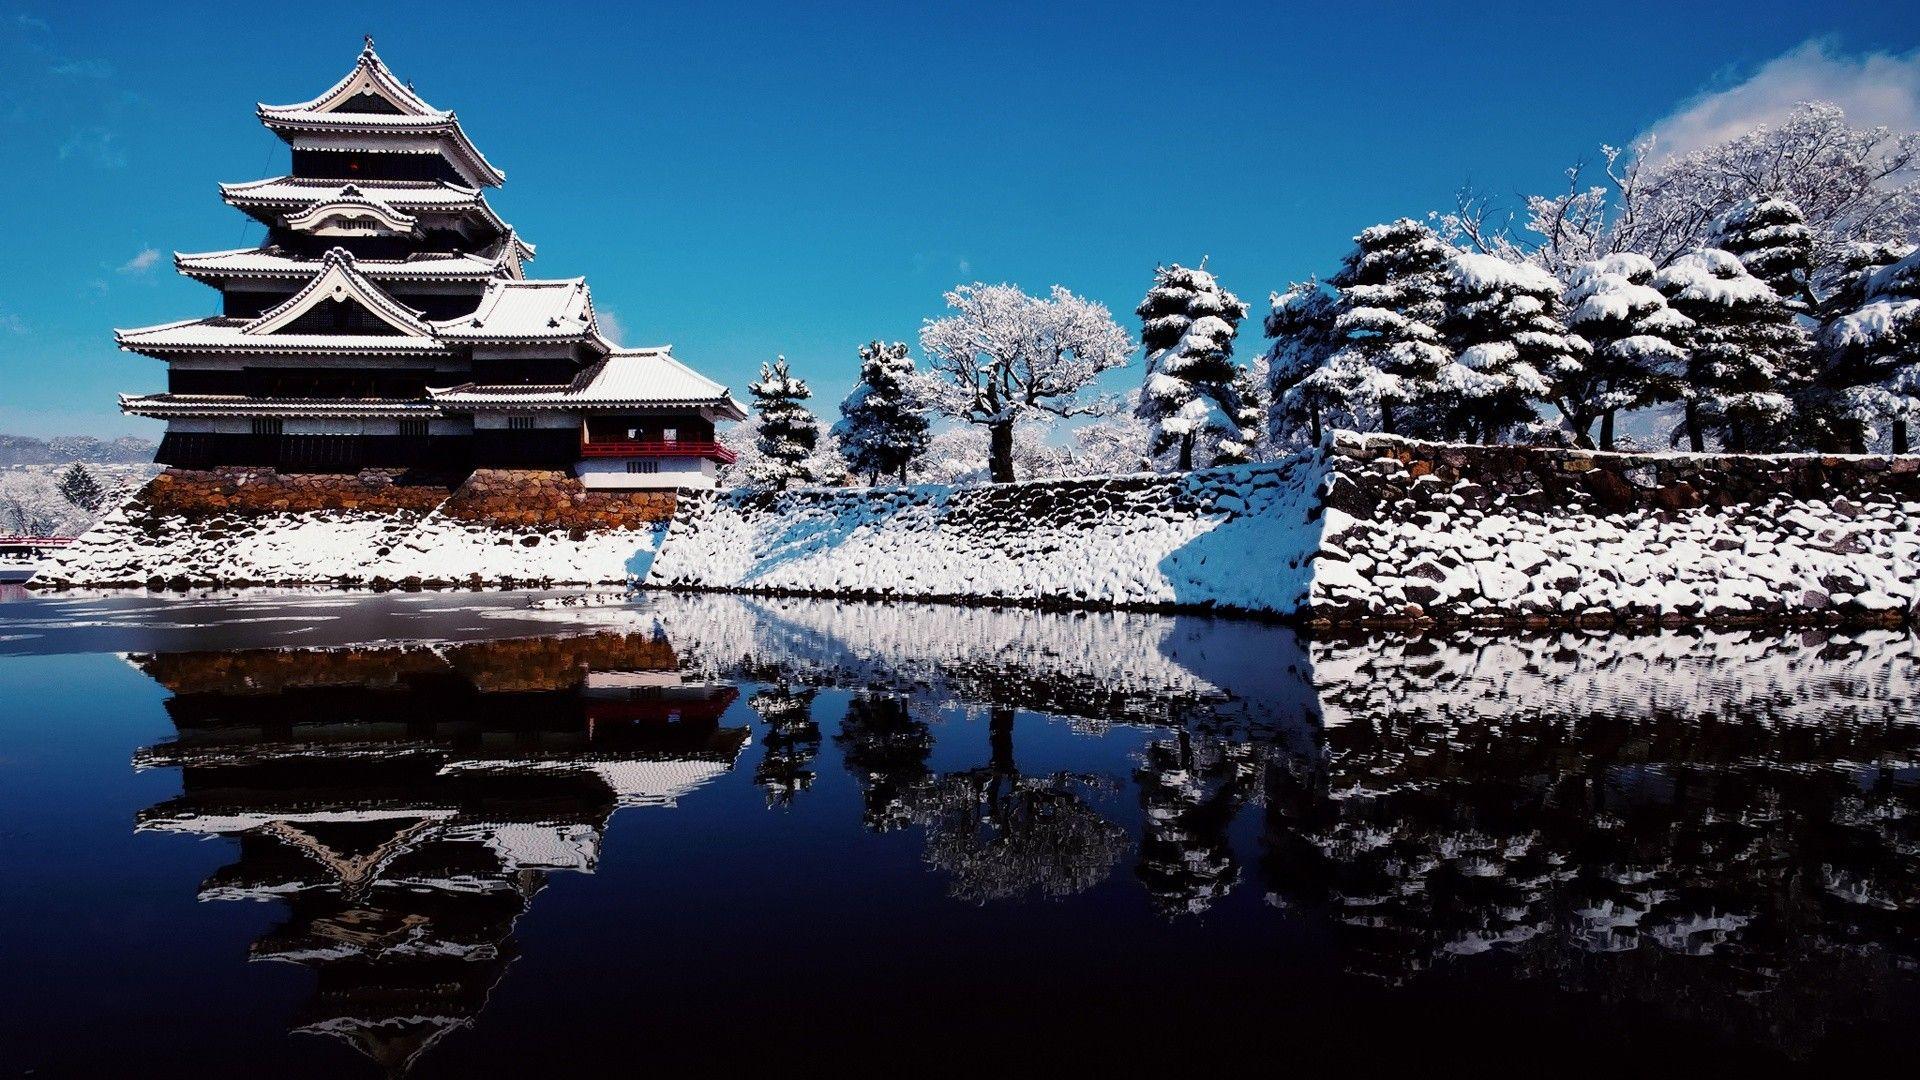 Paket Tour Ke Jepang 8 Hari 7 Malam Januari Musim Dingin (Winter)